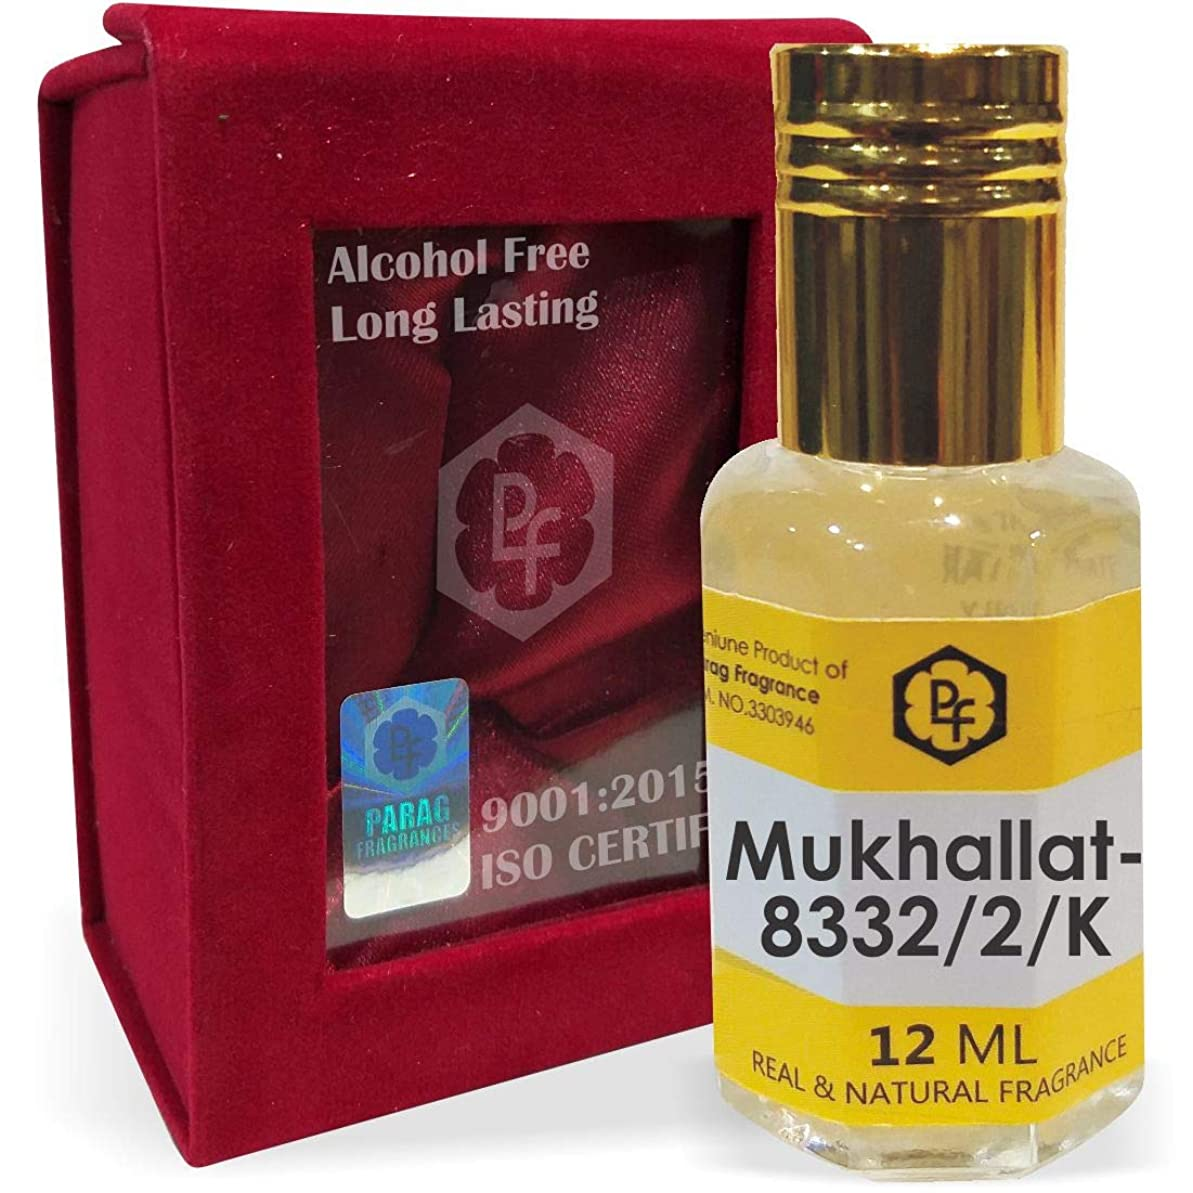 錆び評価する頂点ParagフレグランスMukhallat-2分の8332 / K 12ミリリットルのアター/香油/手作りベルベットボックス(インドの伝統的なBhapka処理方法により、インド製)フレグランスオイル|アターITRA最高の品質長持ち